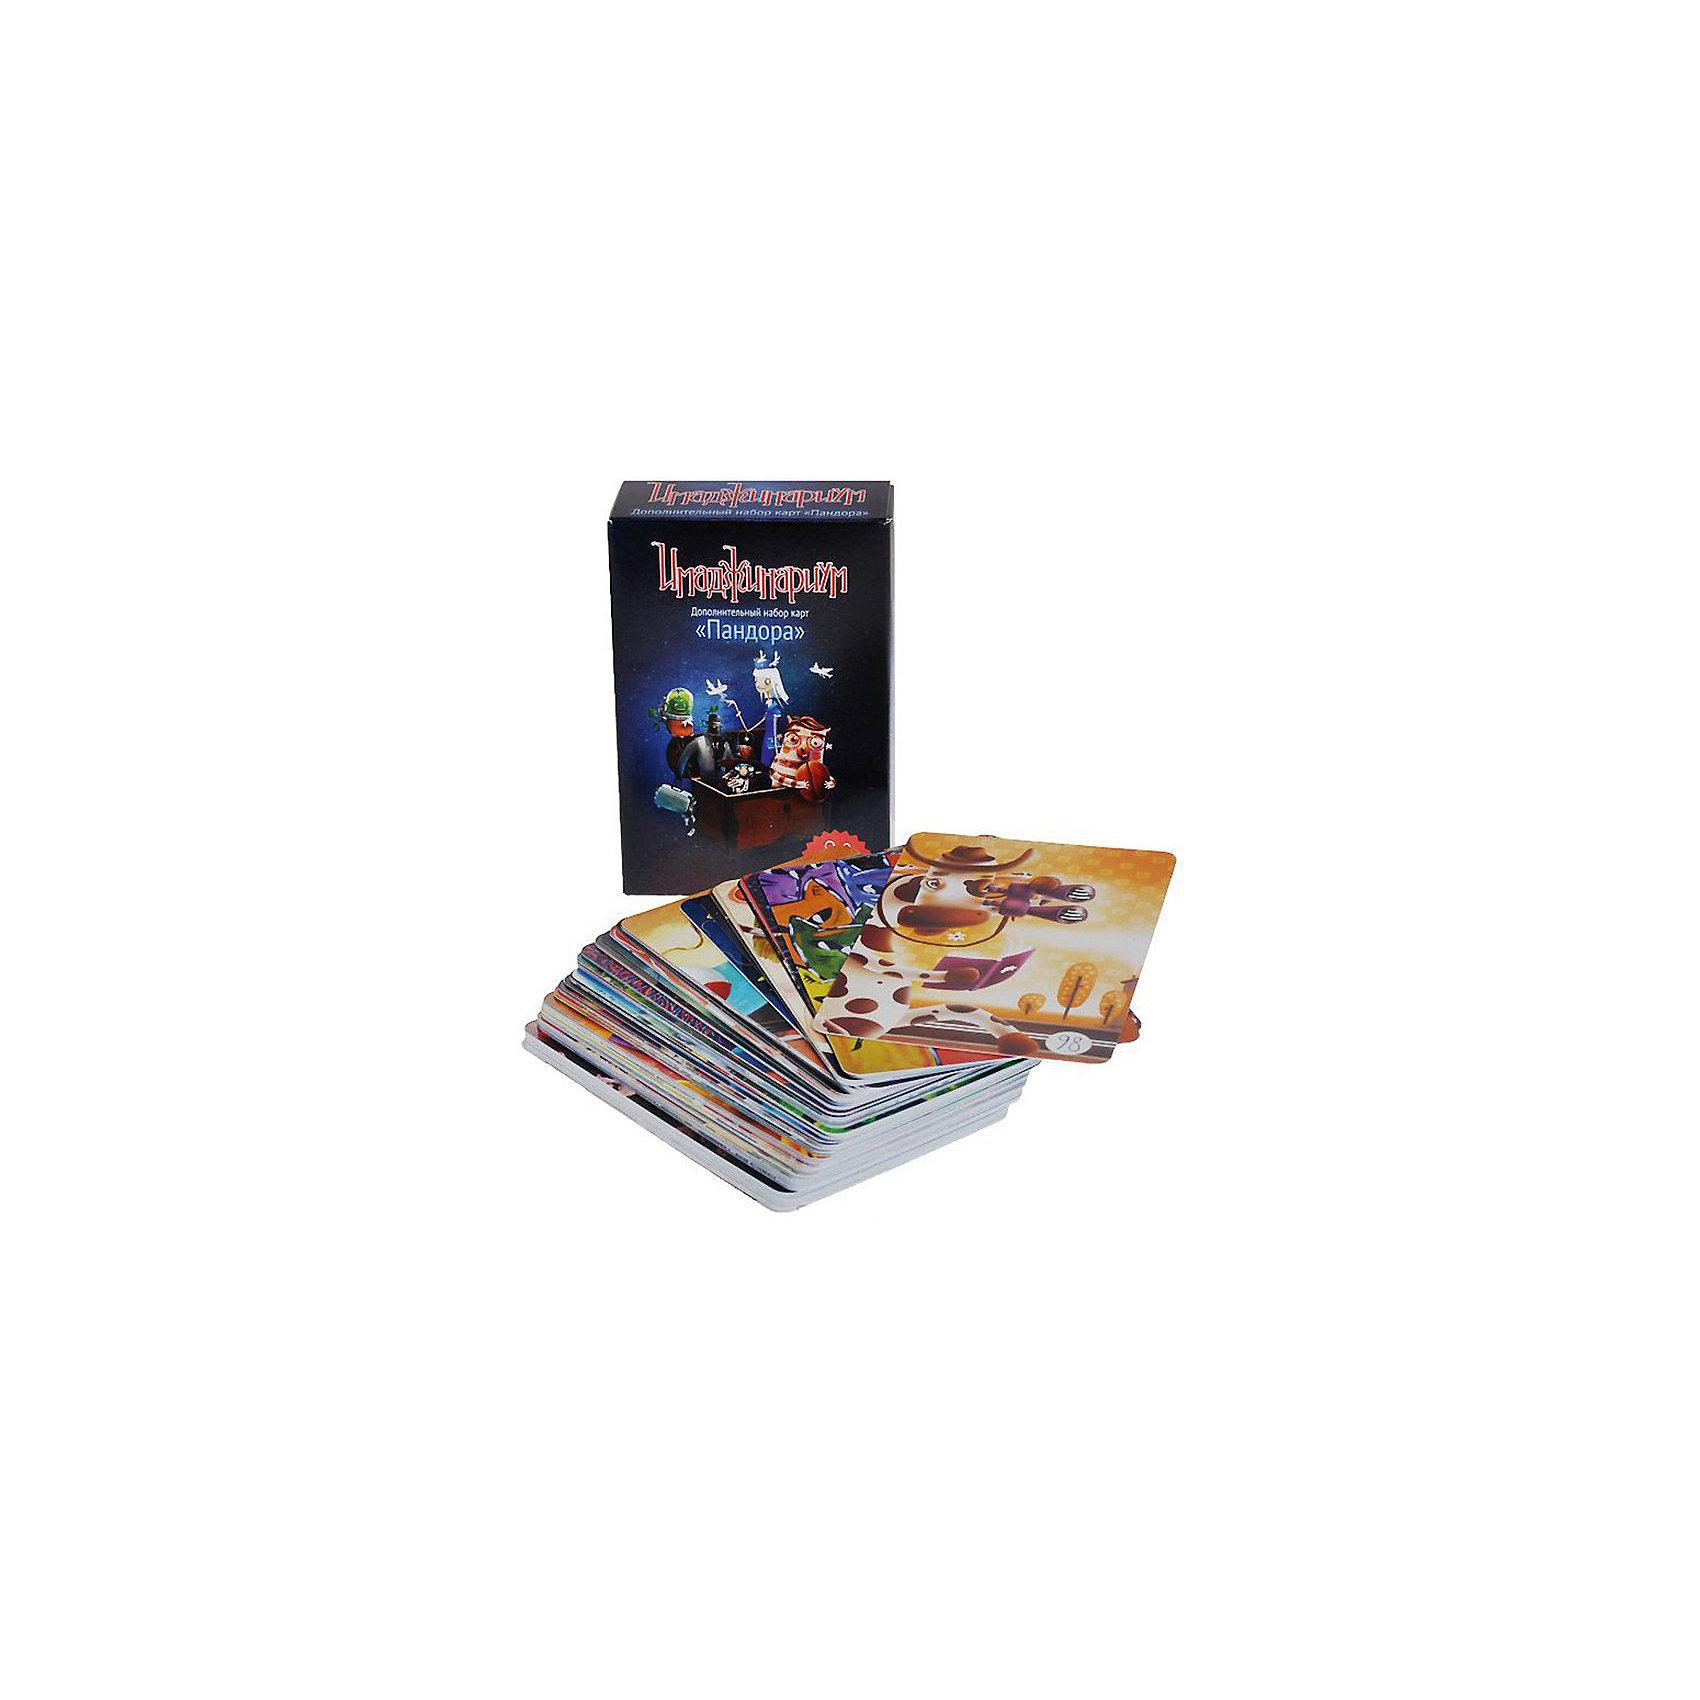 Имаджинариум Дополнительный набор Пандора, Stupid casualВо вселенной Имаджинариума появился новый мир и называется он «Пандора». Это еще больше веселых картинок и невероятных сюжетов чем в основном наборе.<br><br>Правила игры:<br>-Каждому игроку раздаются шесть карт;<br>-Каждый по кругу становится ведущим, выбирает одну из имеющихся карт и придумывает к ней ассоциацию (громко и вслух), а затем кладет рубашкой вверх в центр стола;<br>-Остальные участники партии смотрят, что у них на руках максимально подходит под заданную метафору, выбирают подходящий рисунок и также инкогнито кладут сверху на карту ведущего;<br>- огда все игроки походили, стопка с «играющими» картами перемешивается и, уже в открытую, раскладывается на столе;<br>-Теперь все, кроме ведущего, пытаются отгадать, какая же карта была его.<br><br>В наборе 98 карт с оригинальными картинками.<br><br>Ширина мм: 122<br>Глубина мм: 83<br>Высота мм: 35<br>Вес г: 260<br>Возраст от месяцев: 108<br>Возраст до месяцев: 1188<br>Пол: Унисекс<br>Возраст: Детский<br>SKU: 3202188